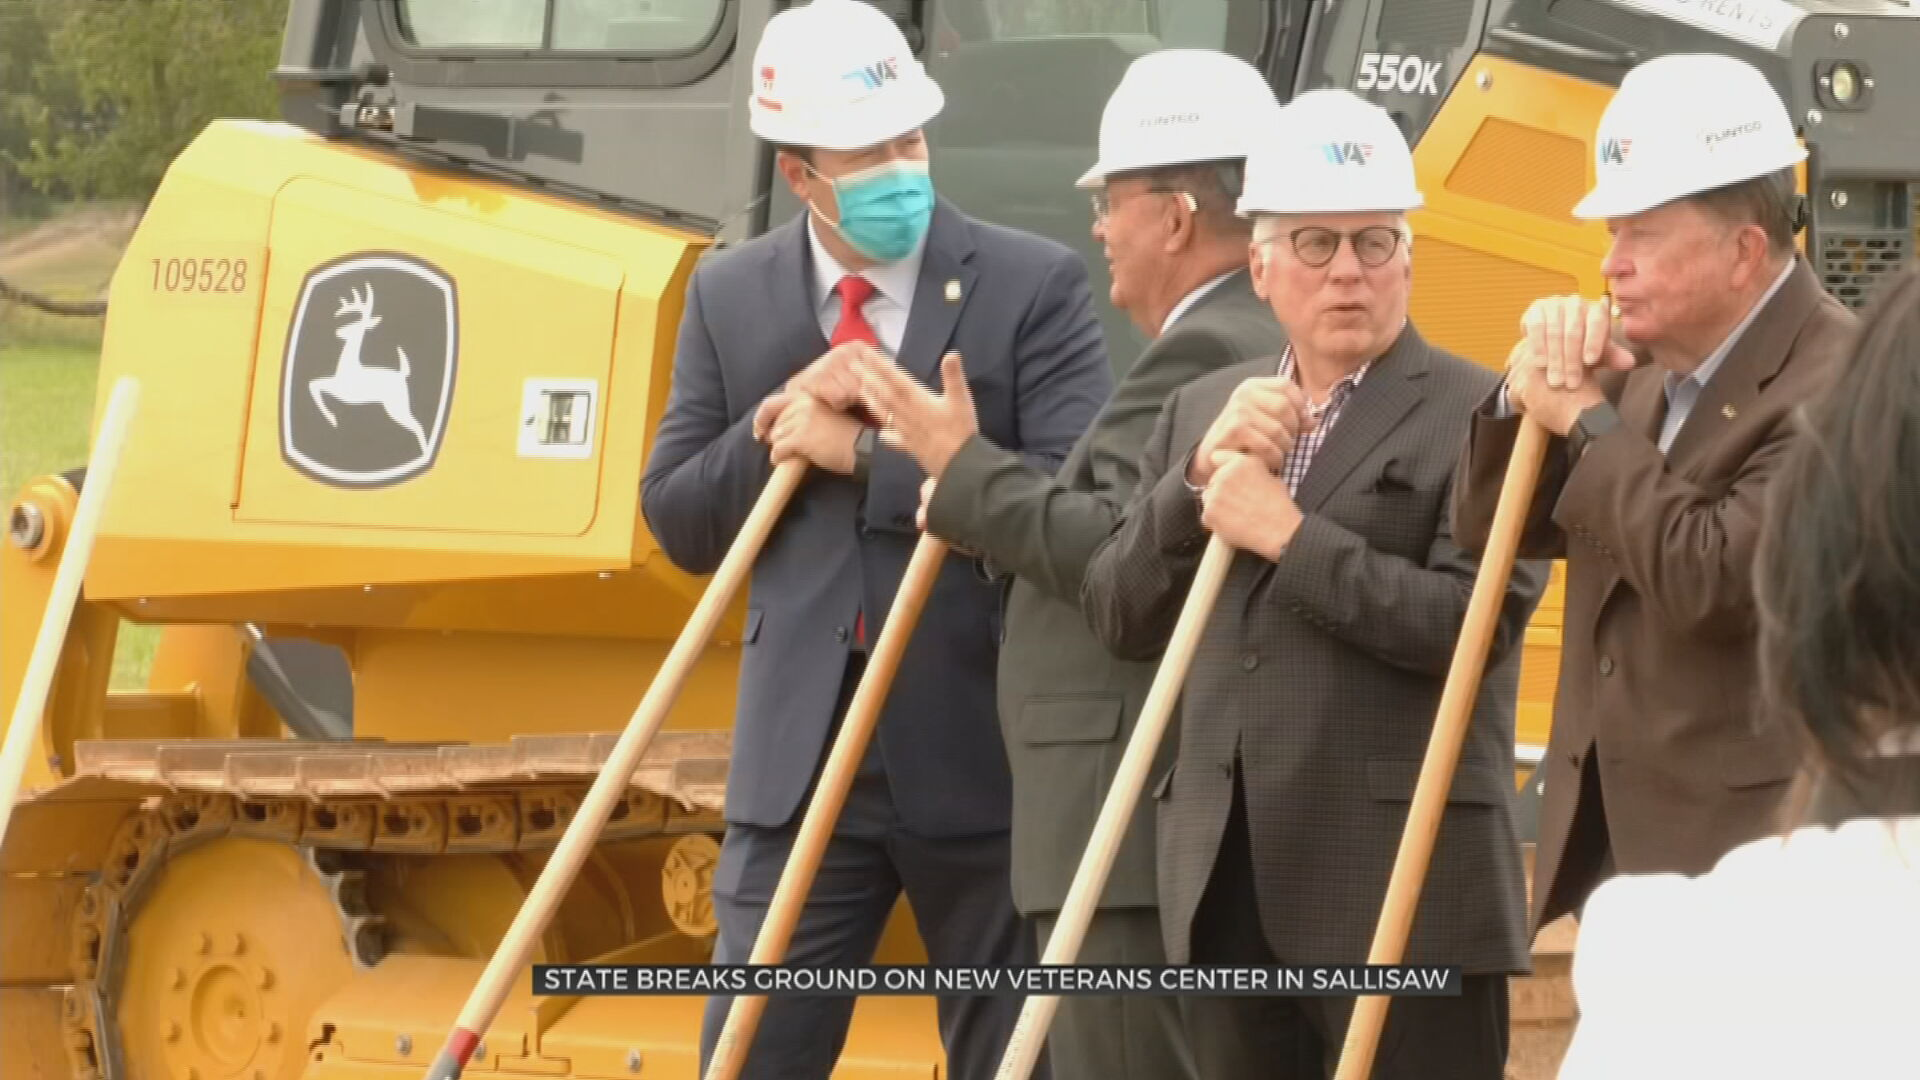 Groundbreaking Ceremony Held For New Veterans Home In Sallisaw